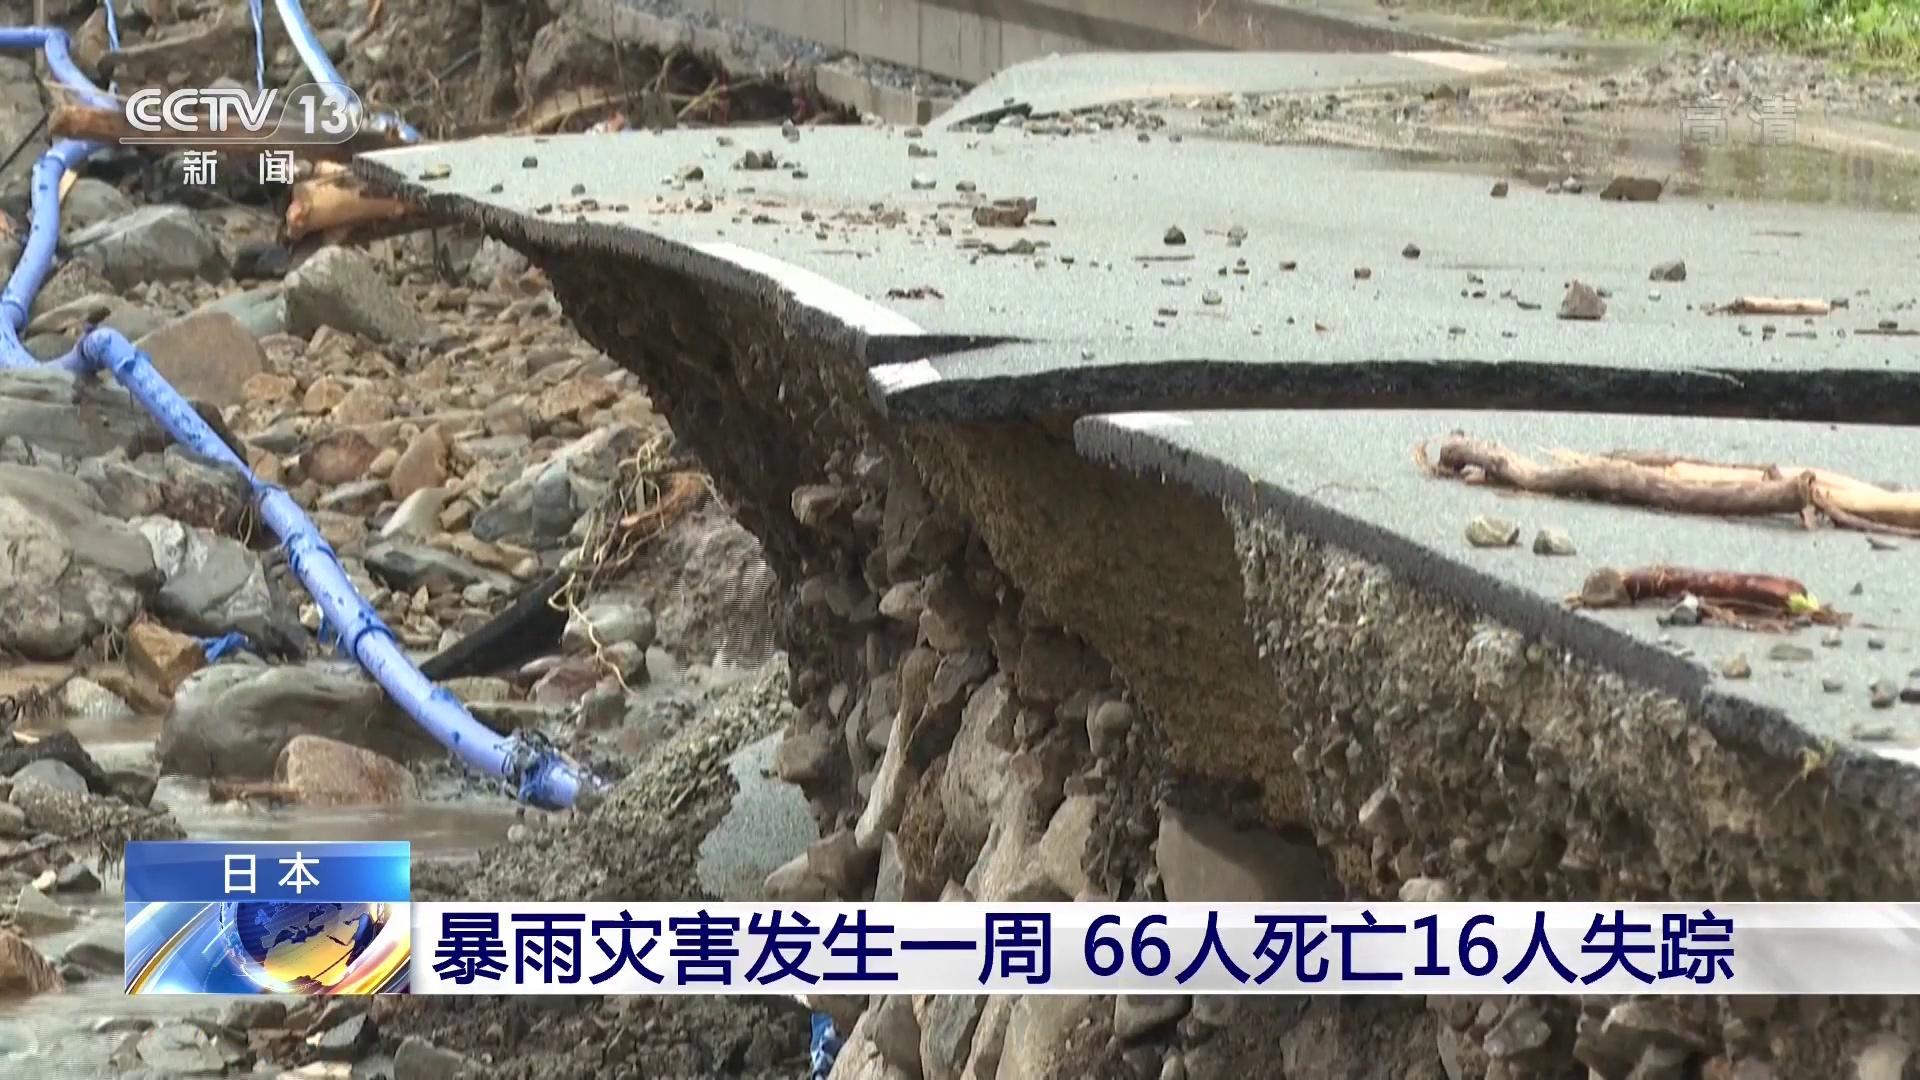 皇冠体育app:日本暴雨灾难发生一周 造成66人殒命16人失踪 第2张